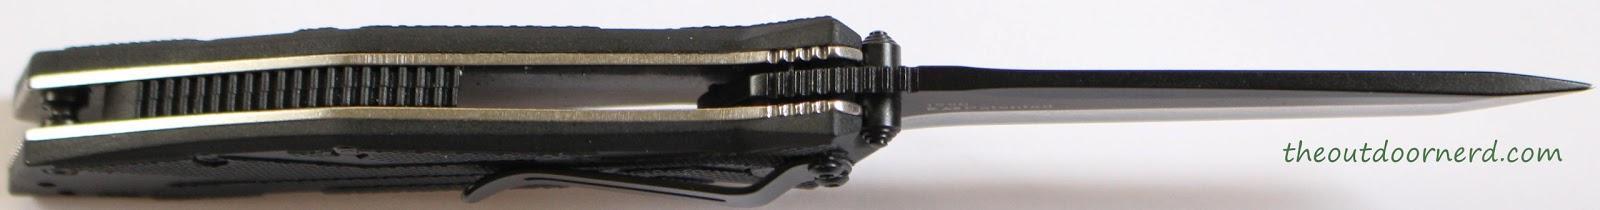 Kershaw Brawler Pocket Knife Product Image 3